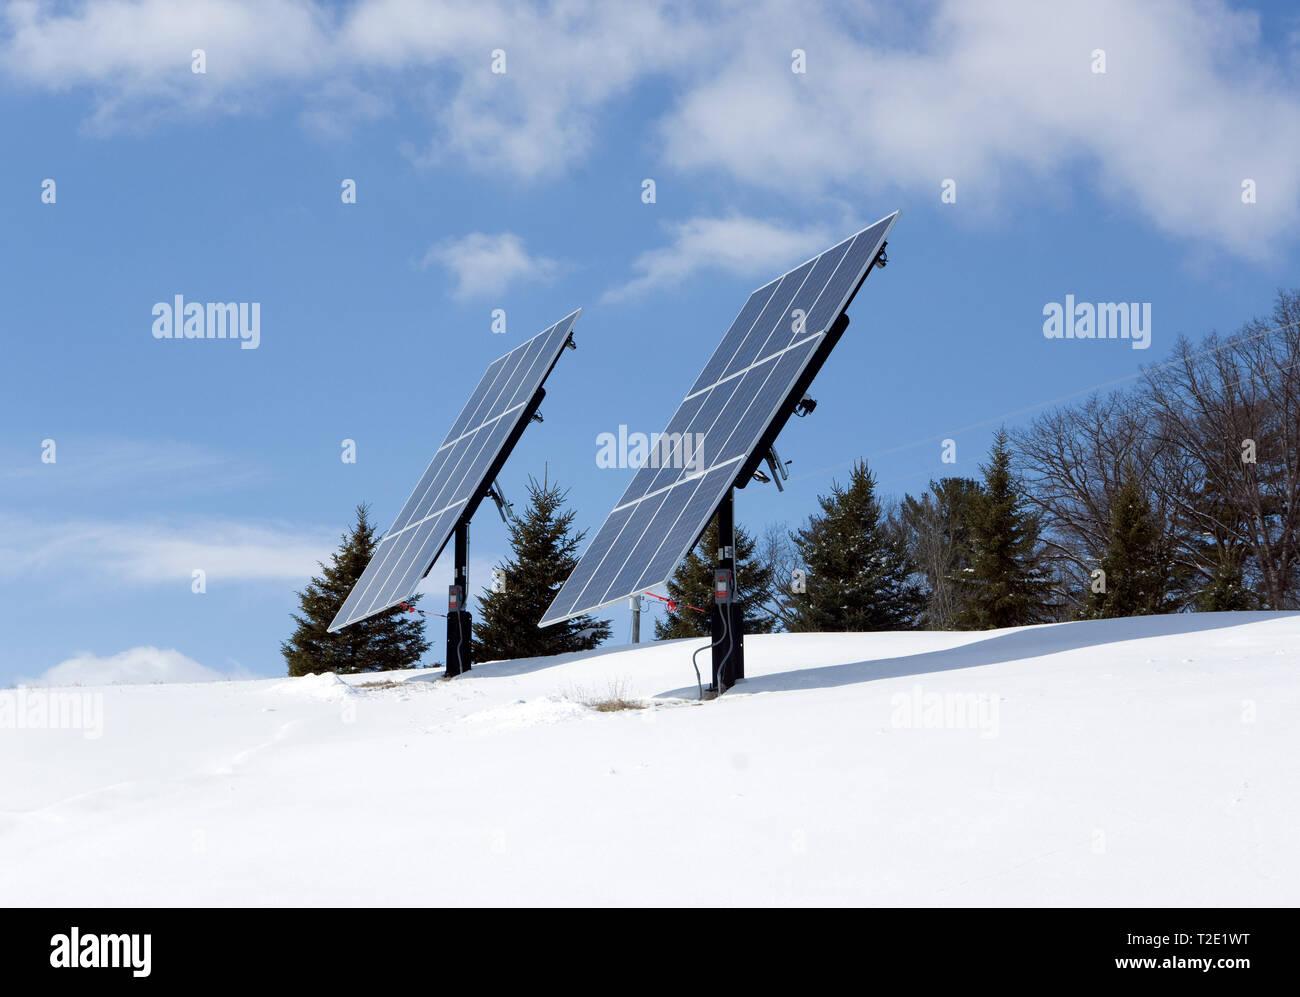 Free Standing montados en postes de los paneles solares fotovoltaicos residenciales en lo alto de una colina en un entorno rural de invierno. Foto de stock